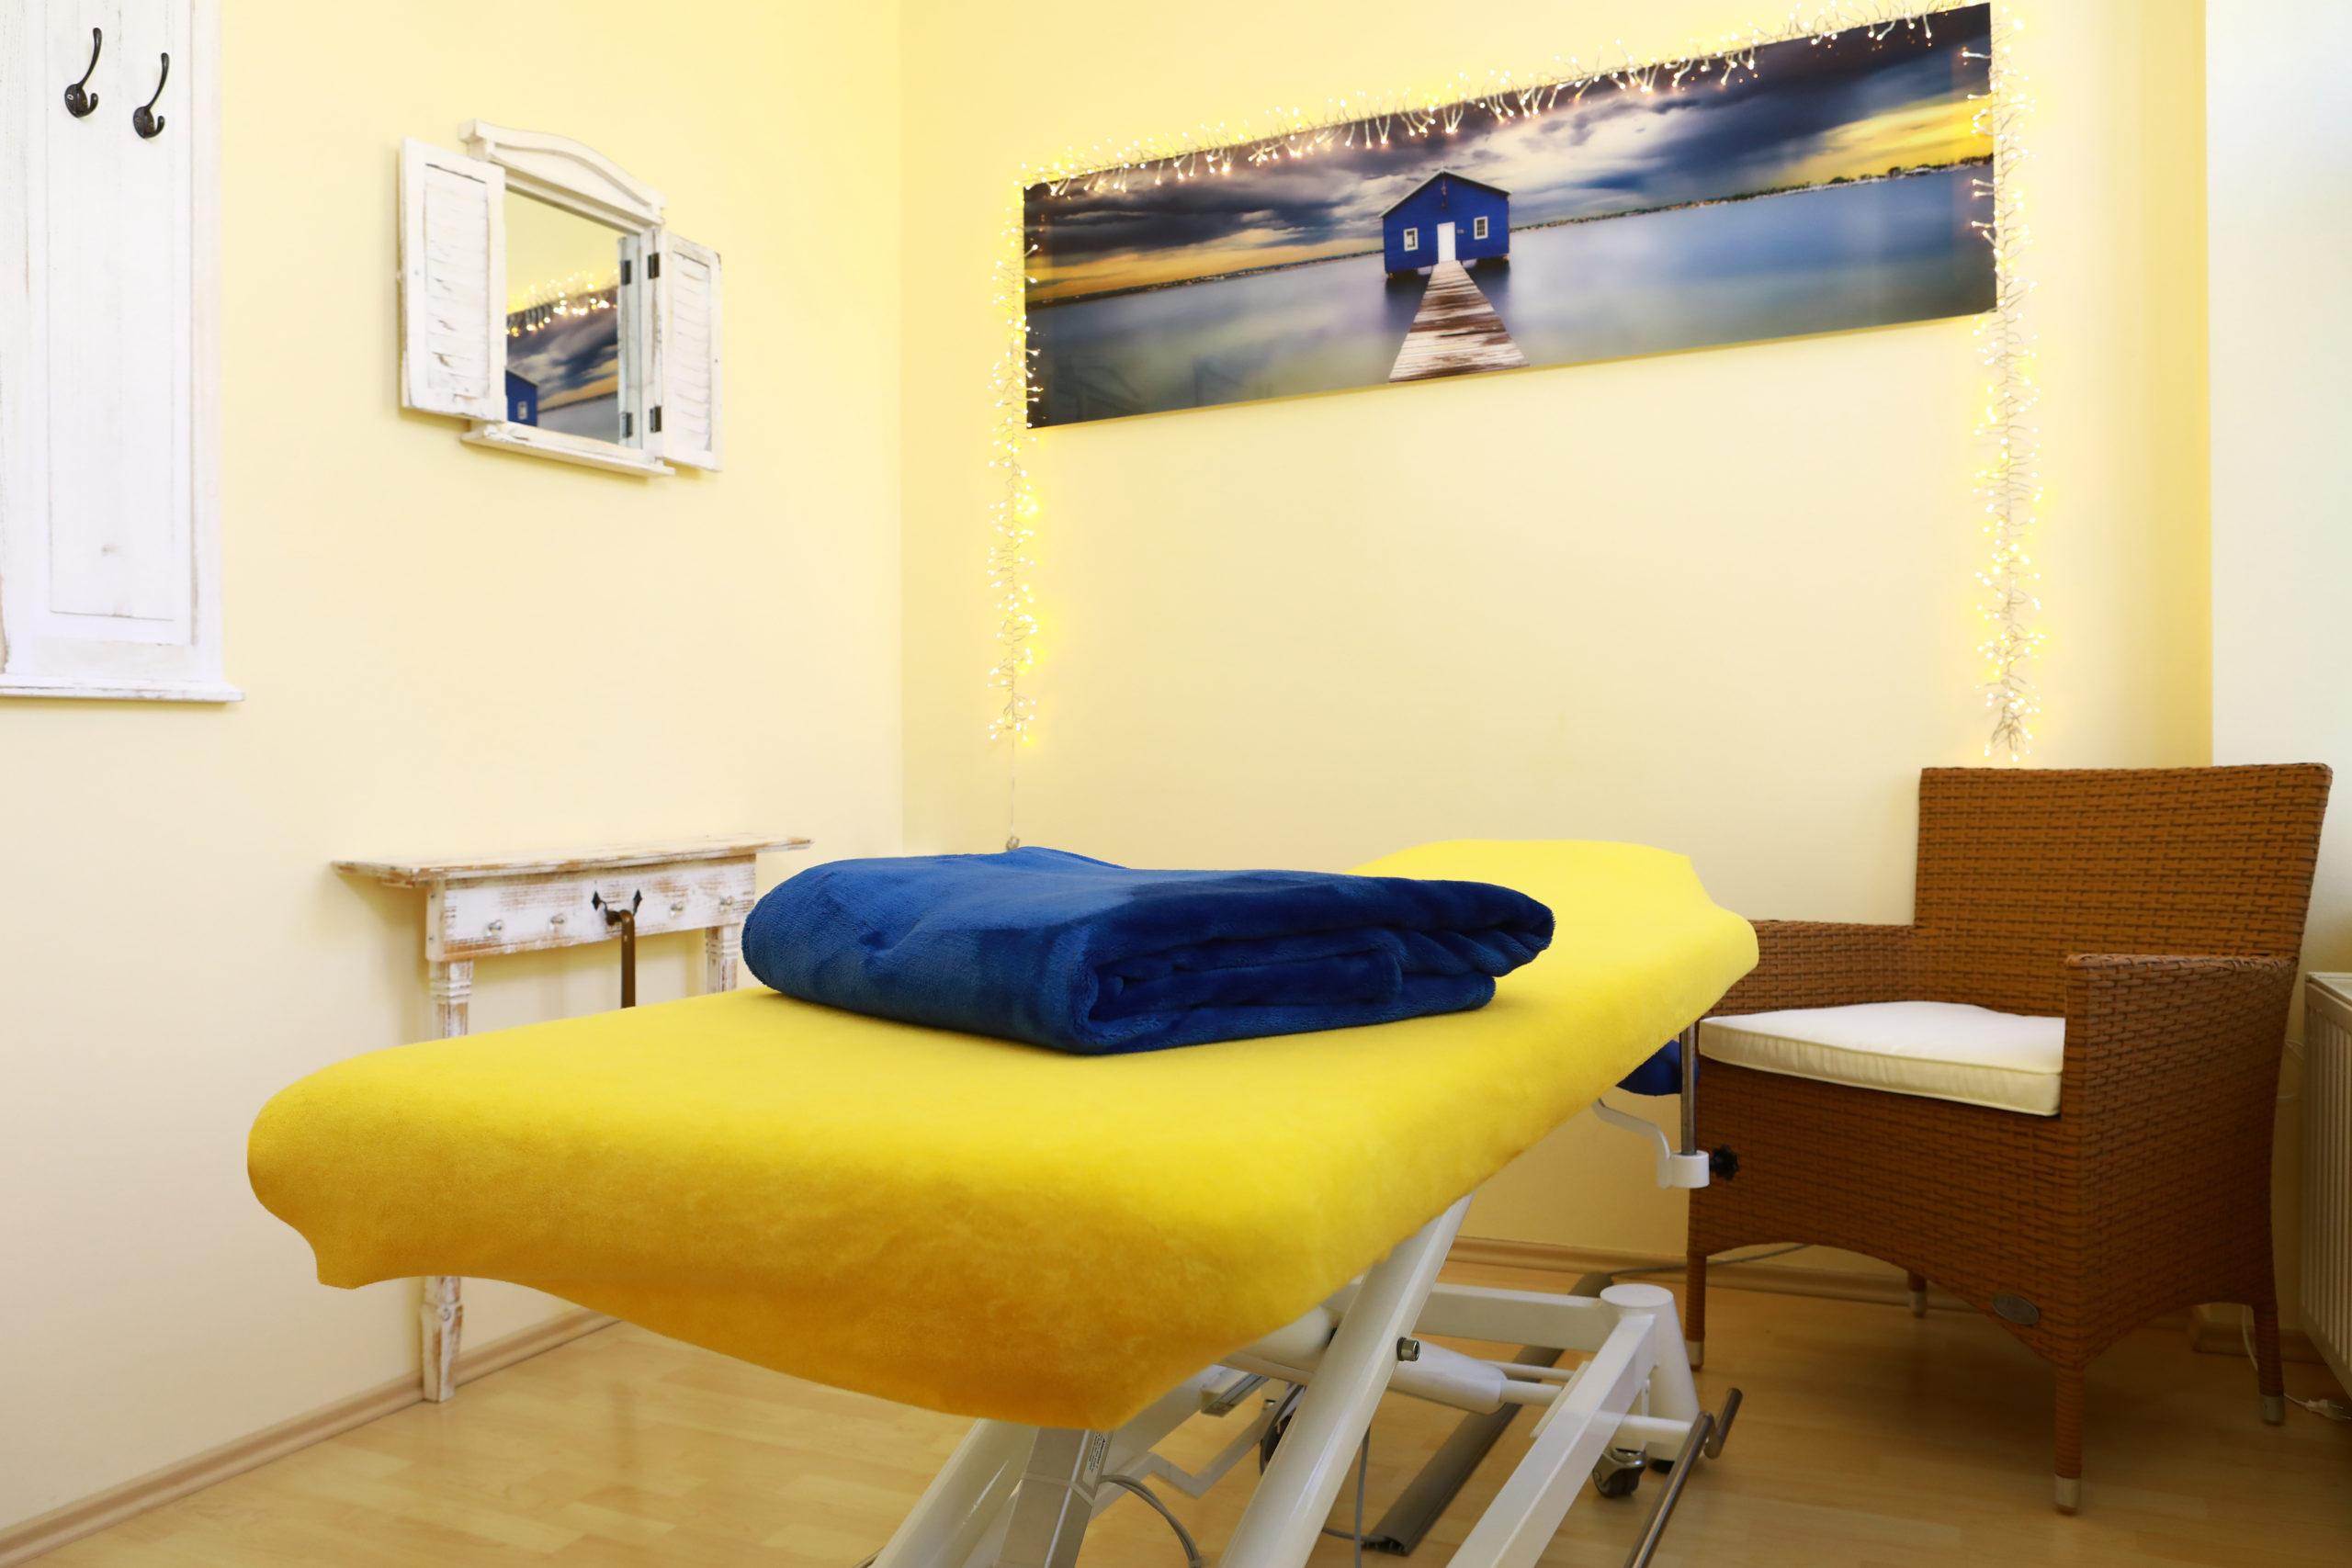 Therapieraum in der Praxis Physiotherapie Blau in Potsdam.